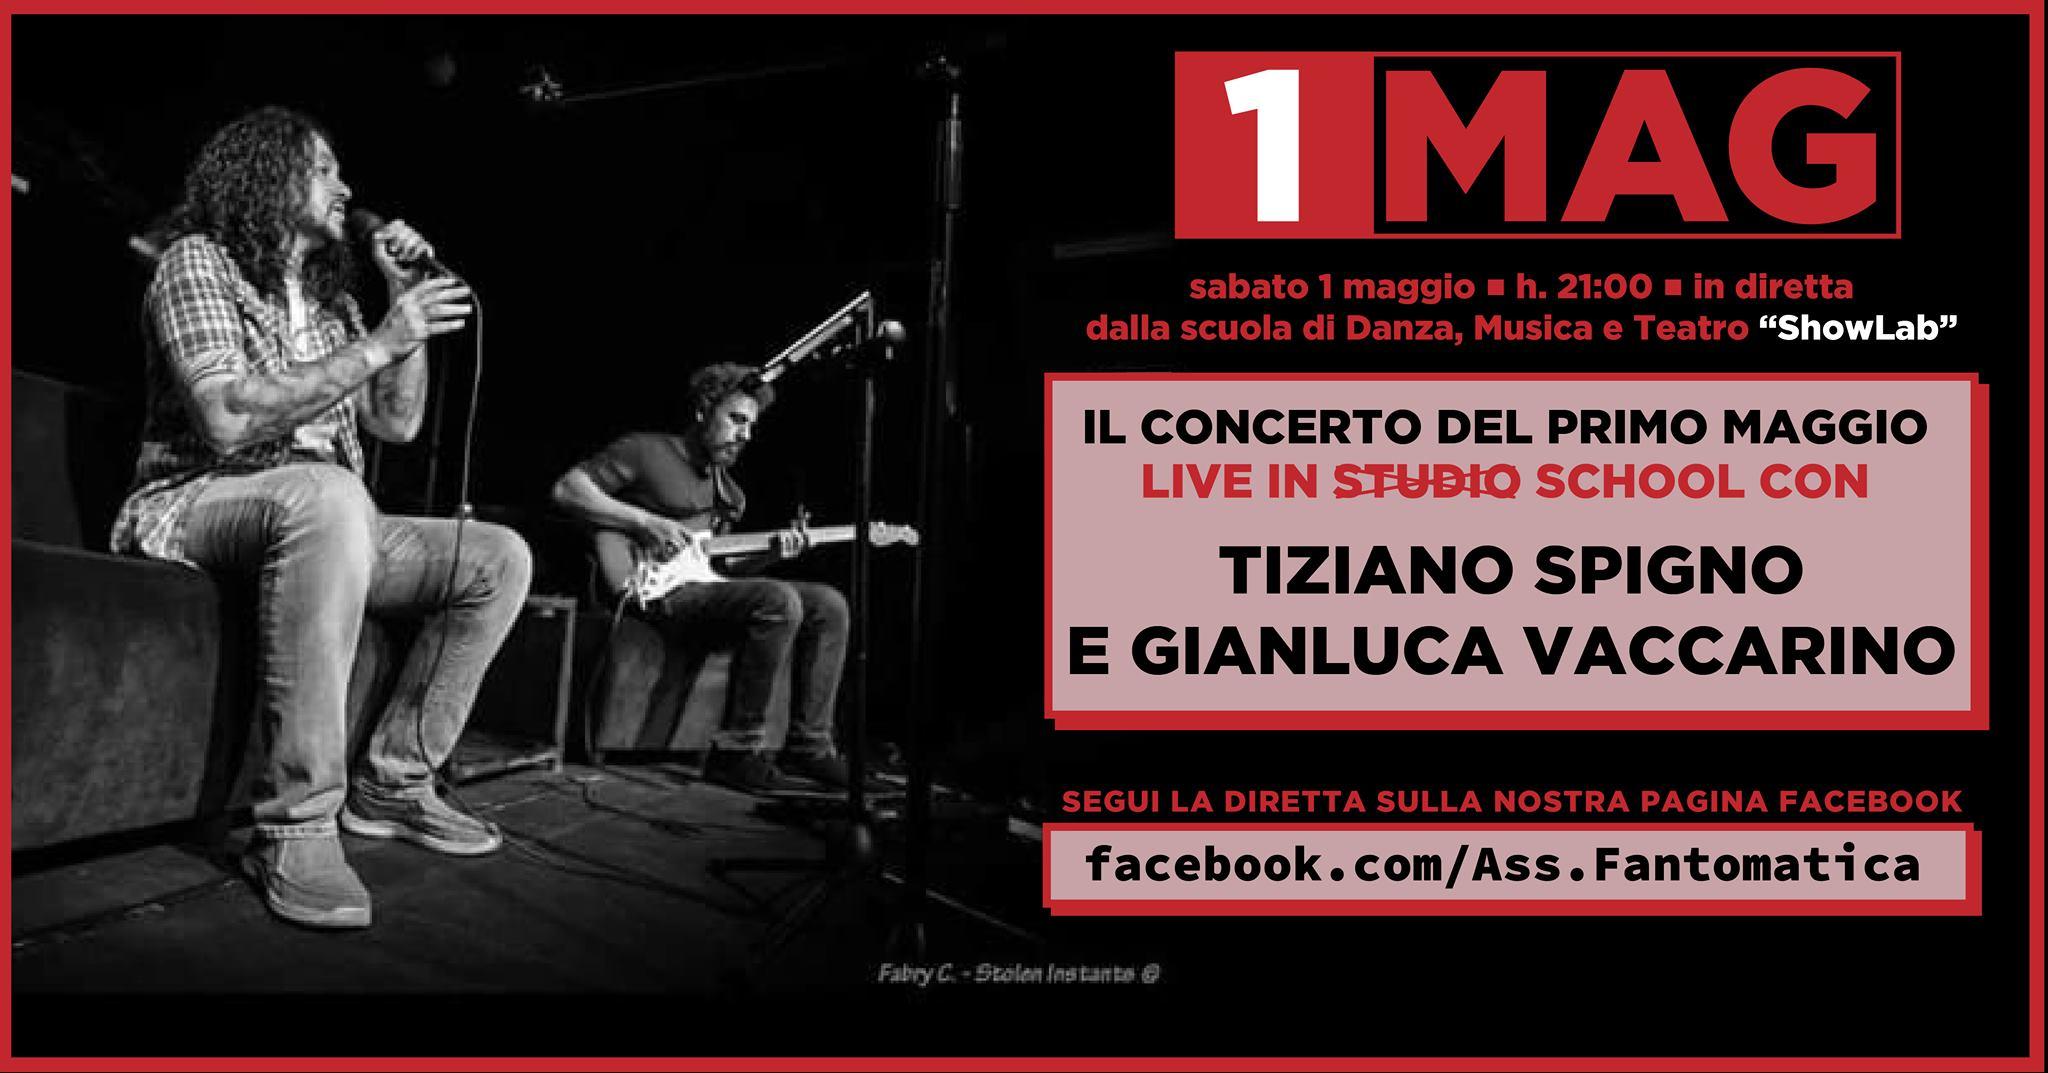 Il concerto novese del 1° maggio sarà online